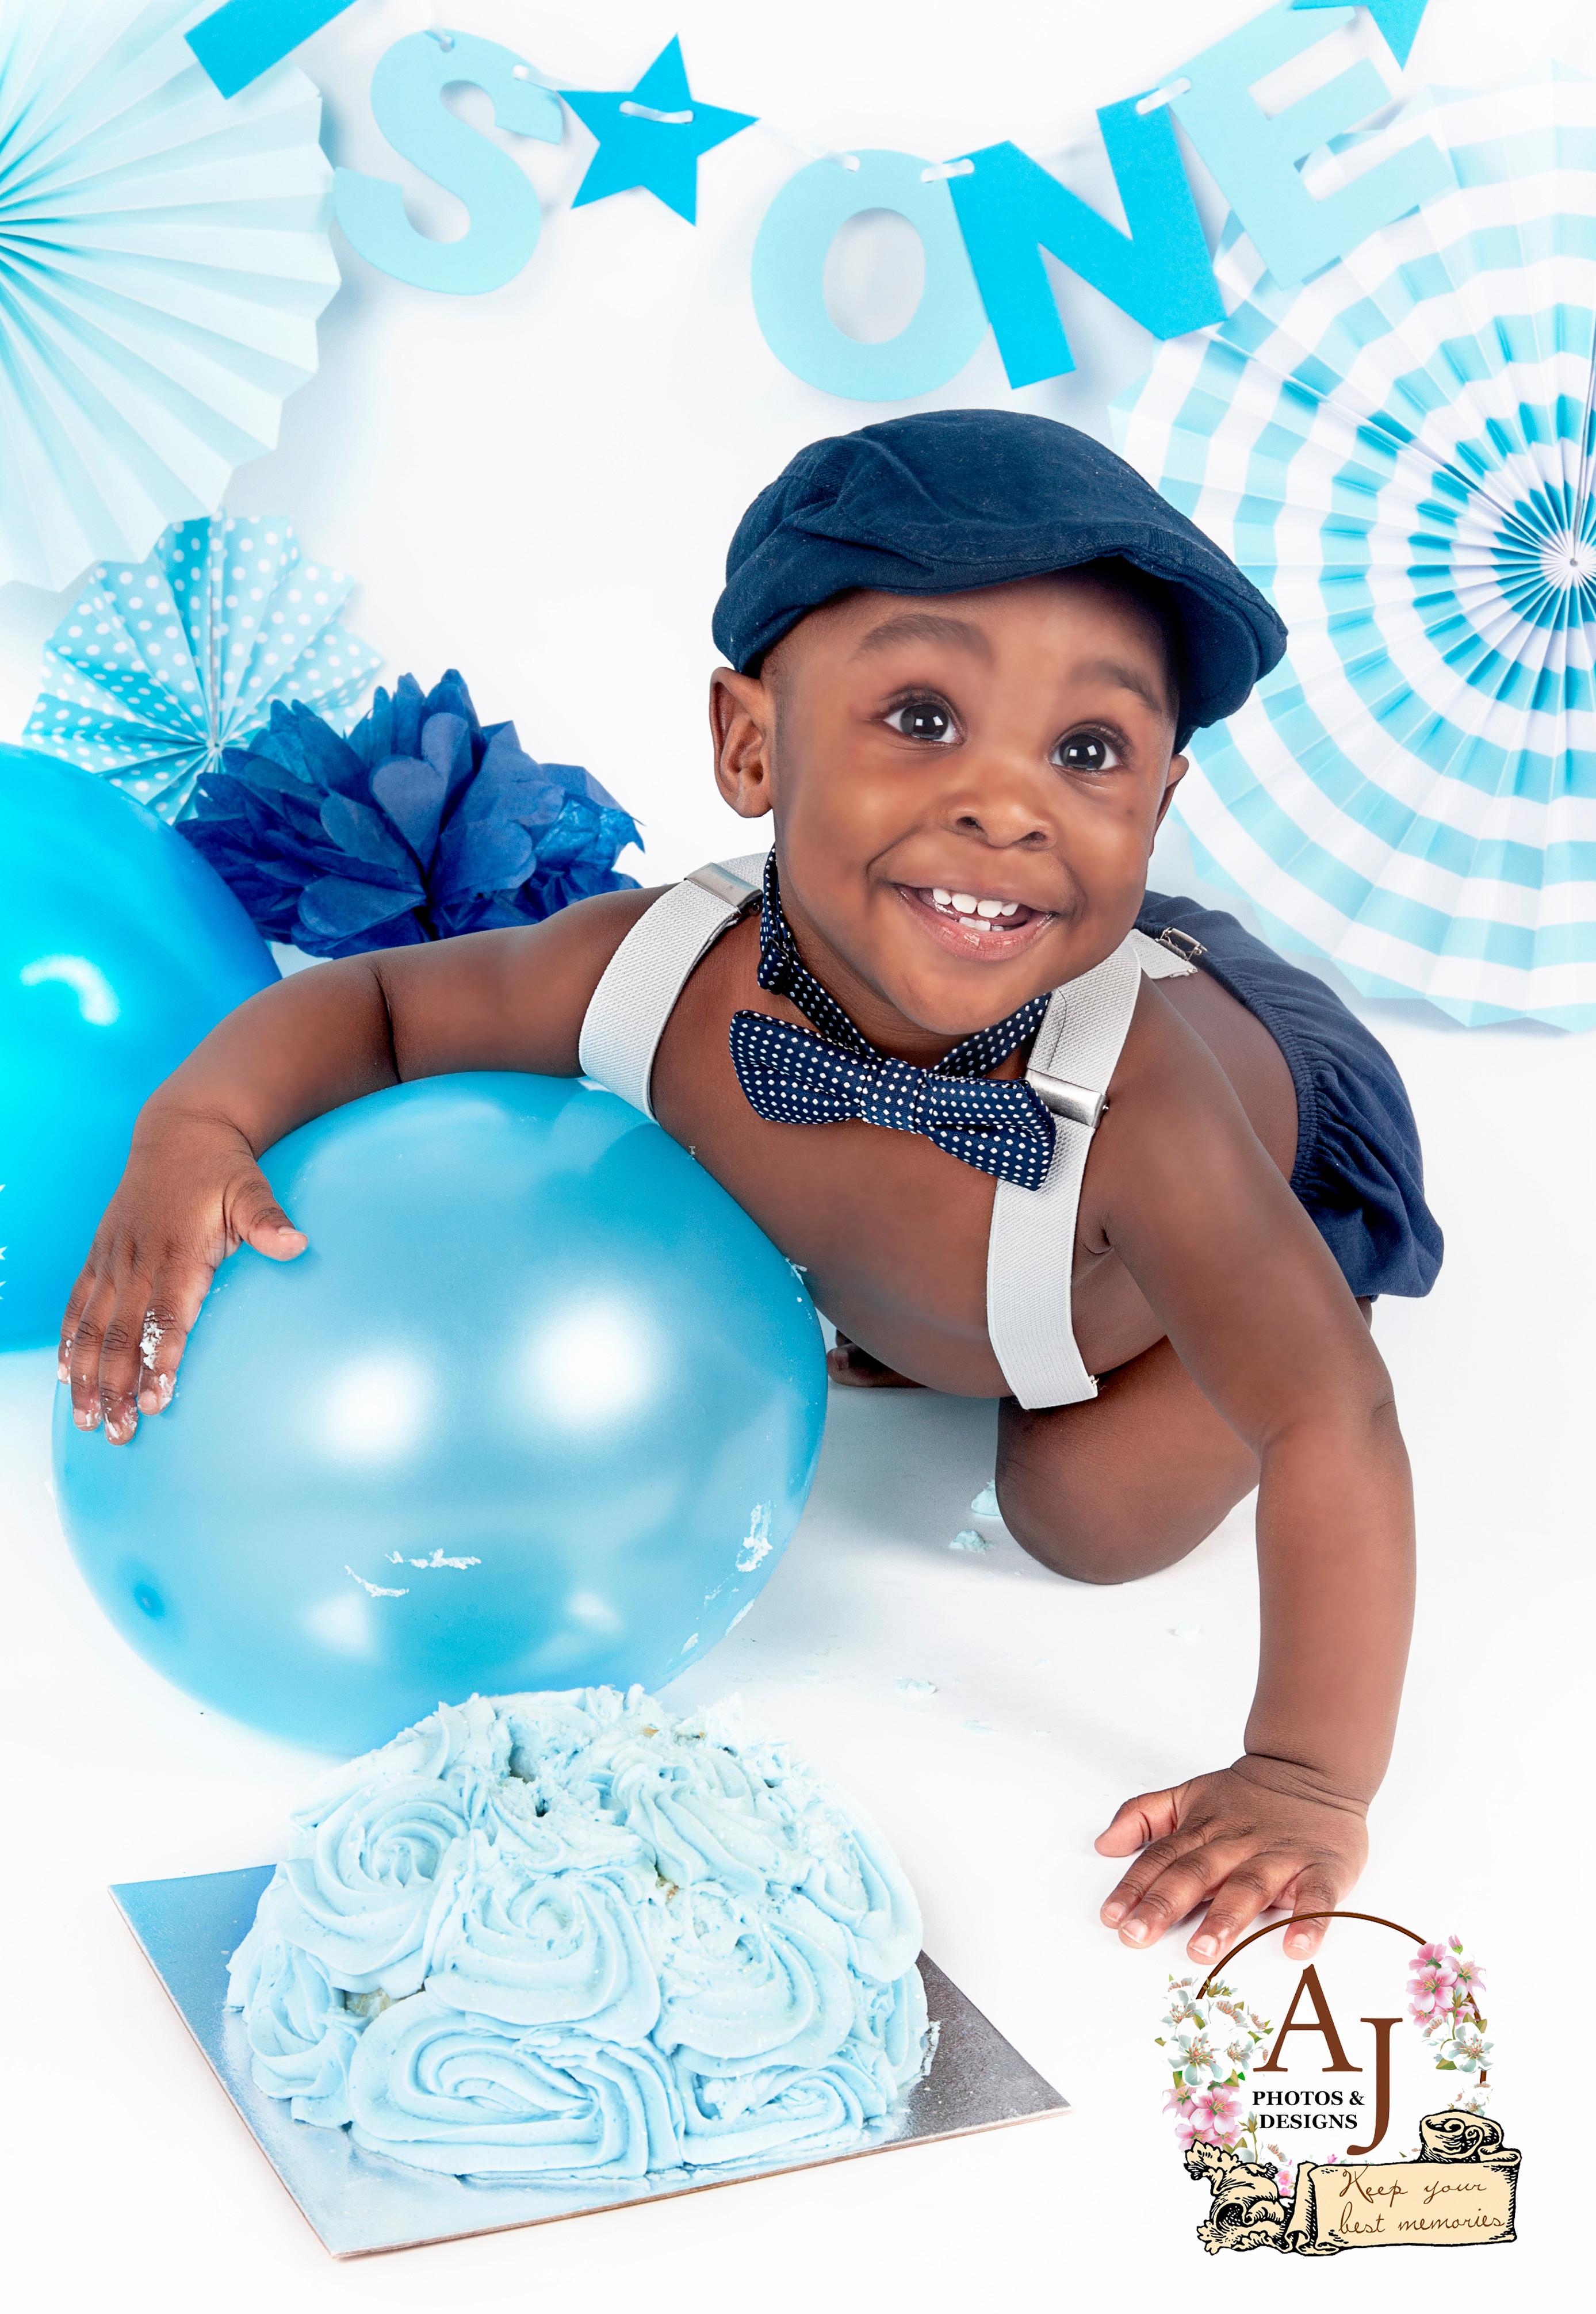 Smashcake & Birthday photoshoot